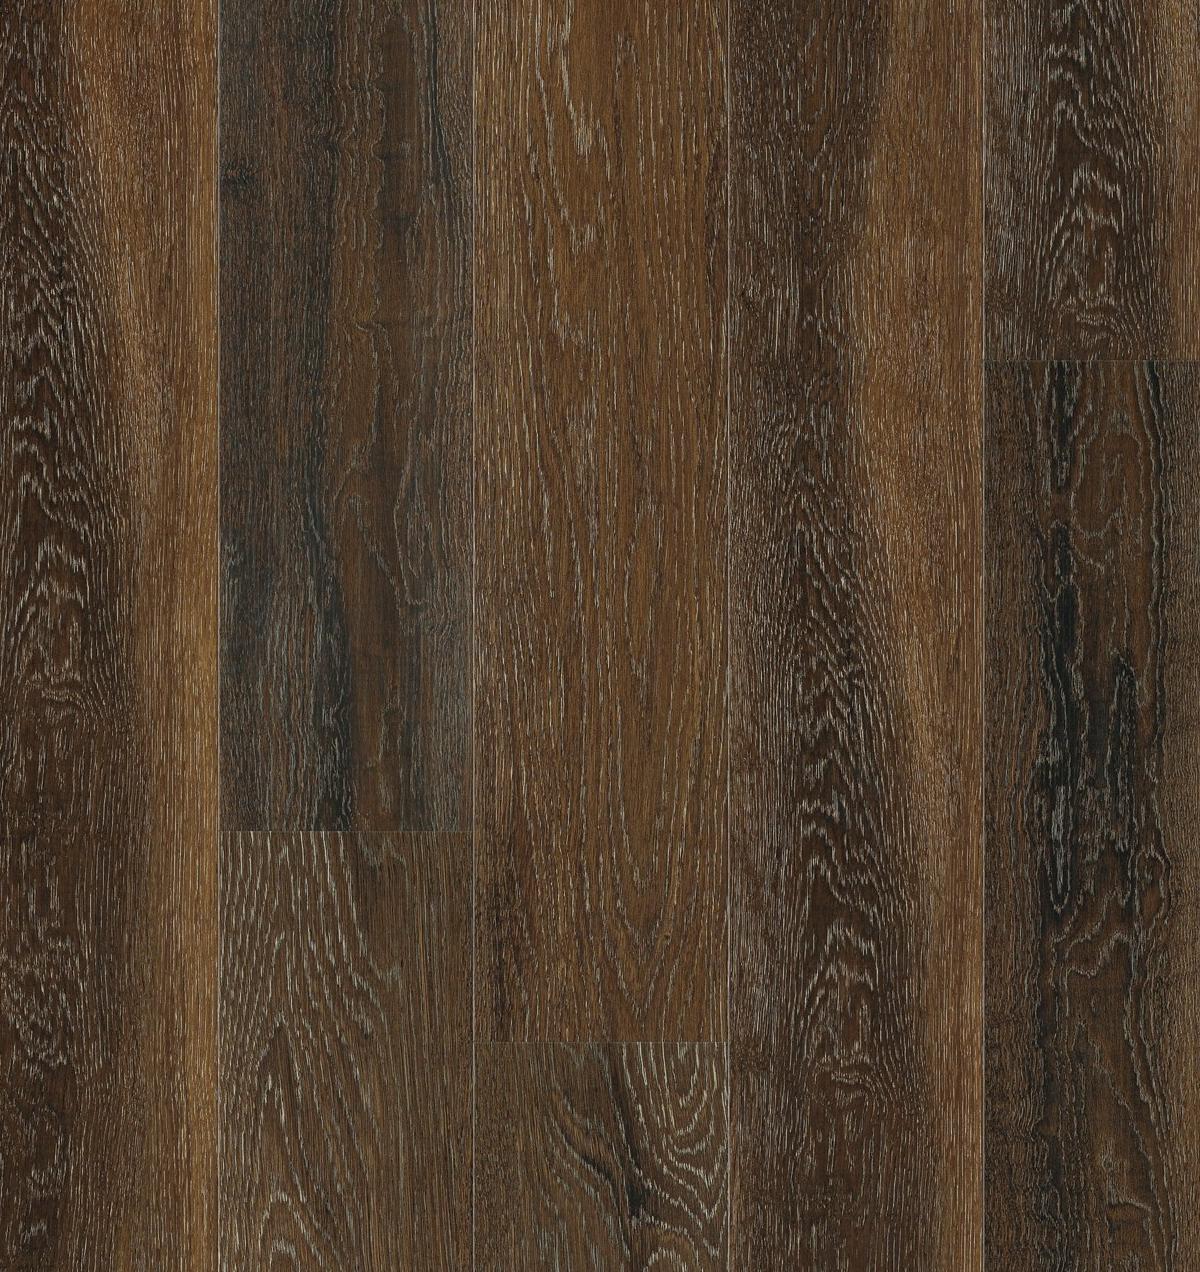 Earthwerks Lwc 4813 Vinyl Flooring